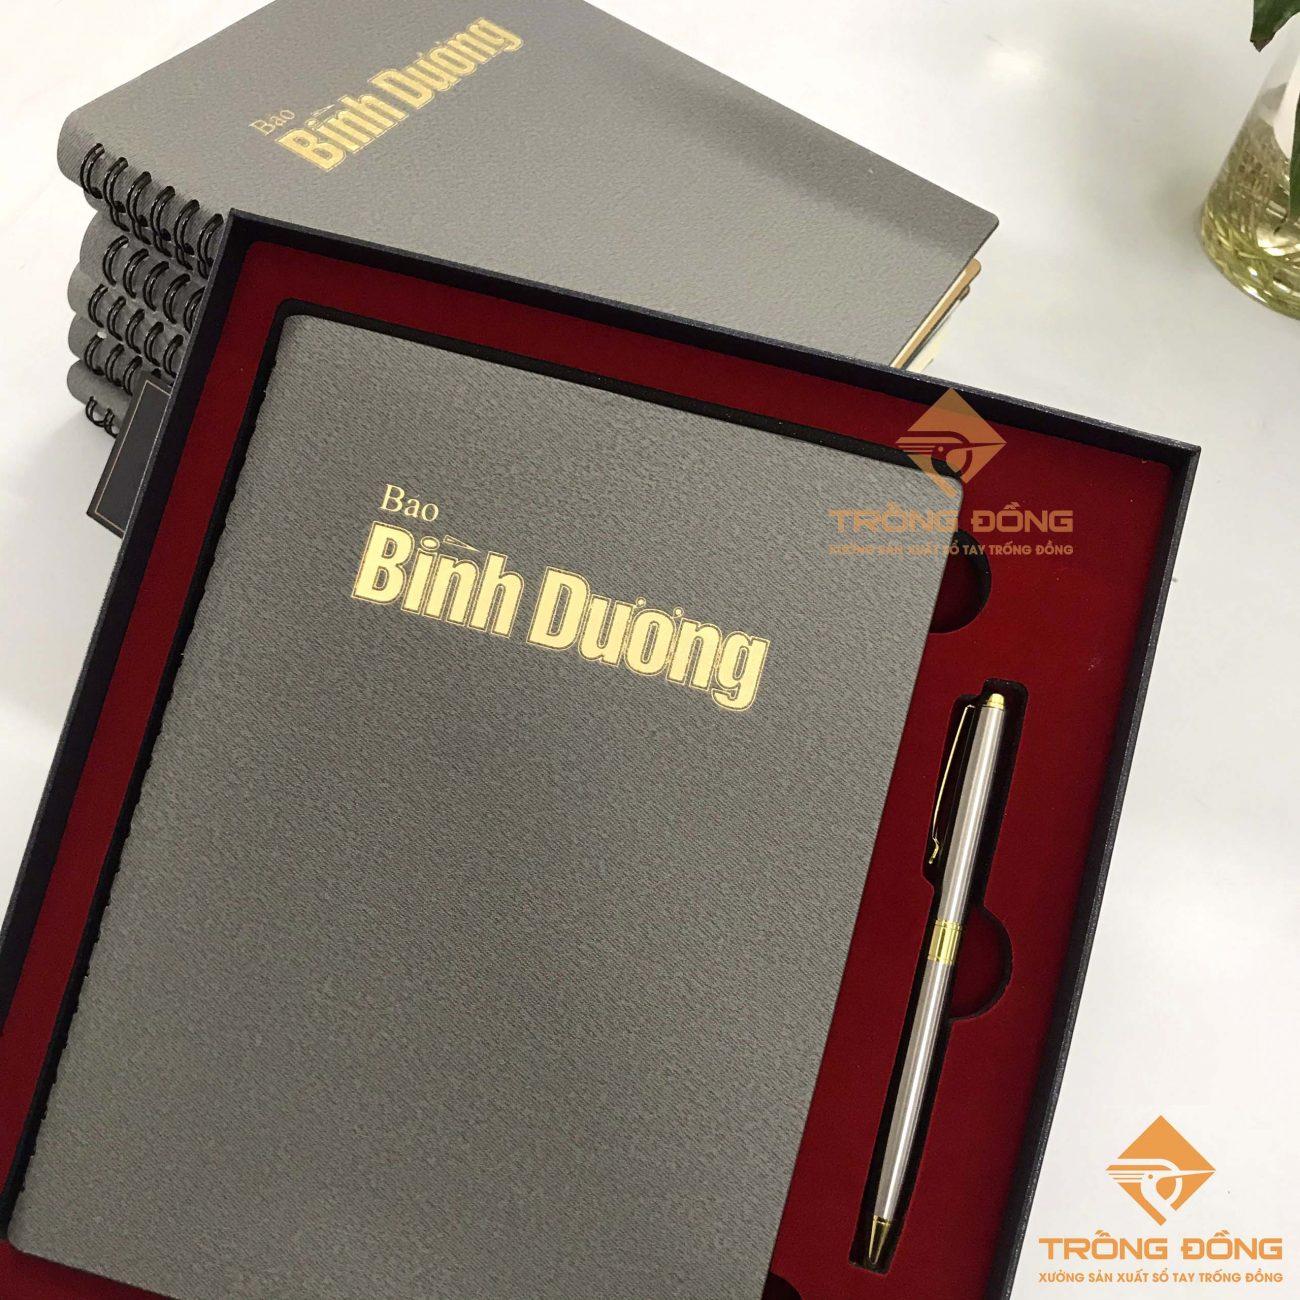 Cung cấp quà tặng doanh nghiệp bộ Giftset sổ tay và bút cao cấp.